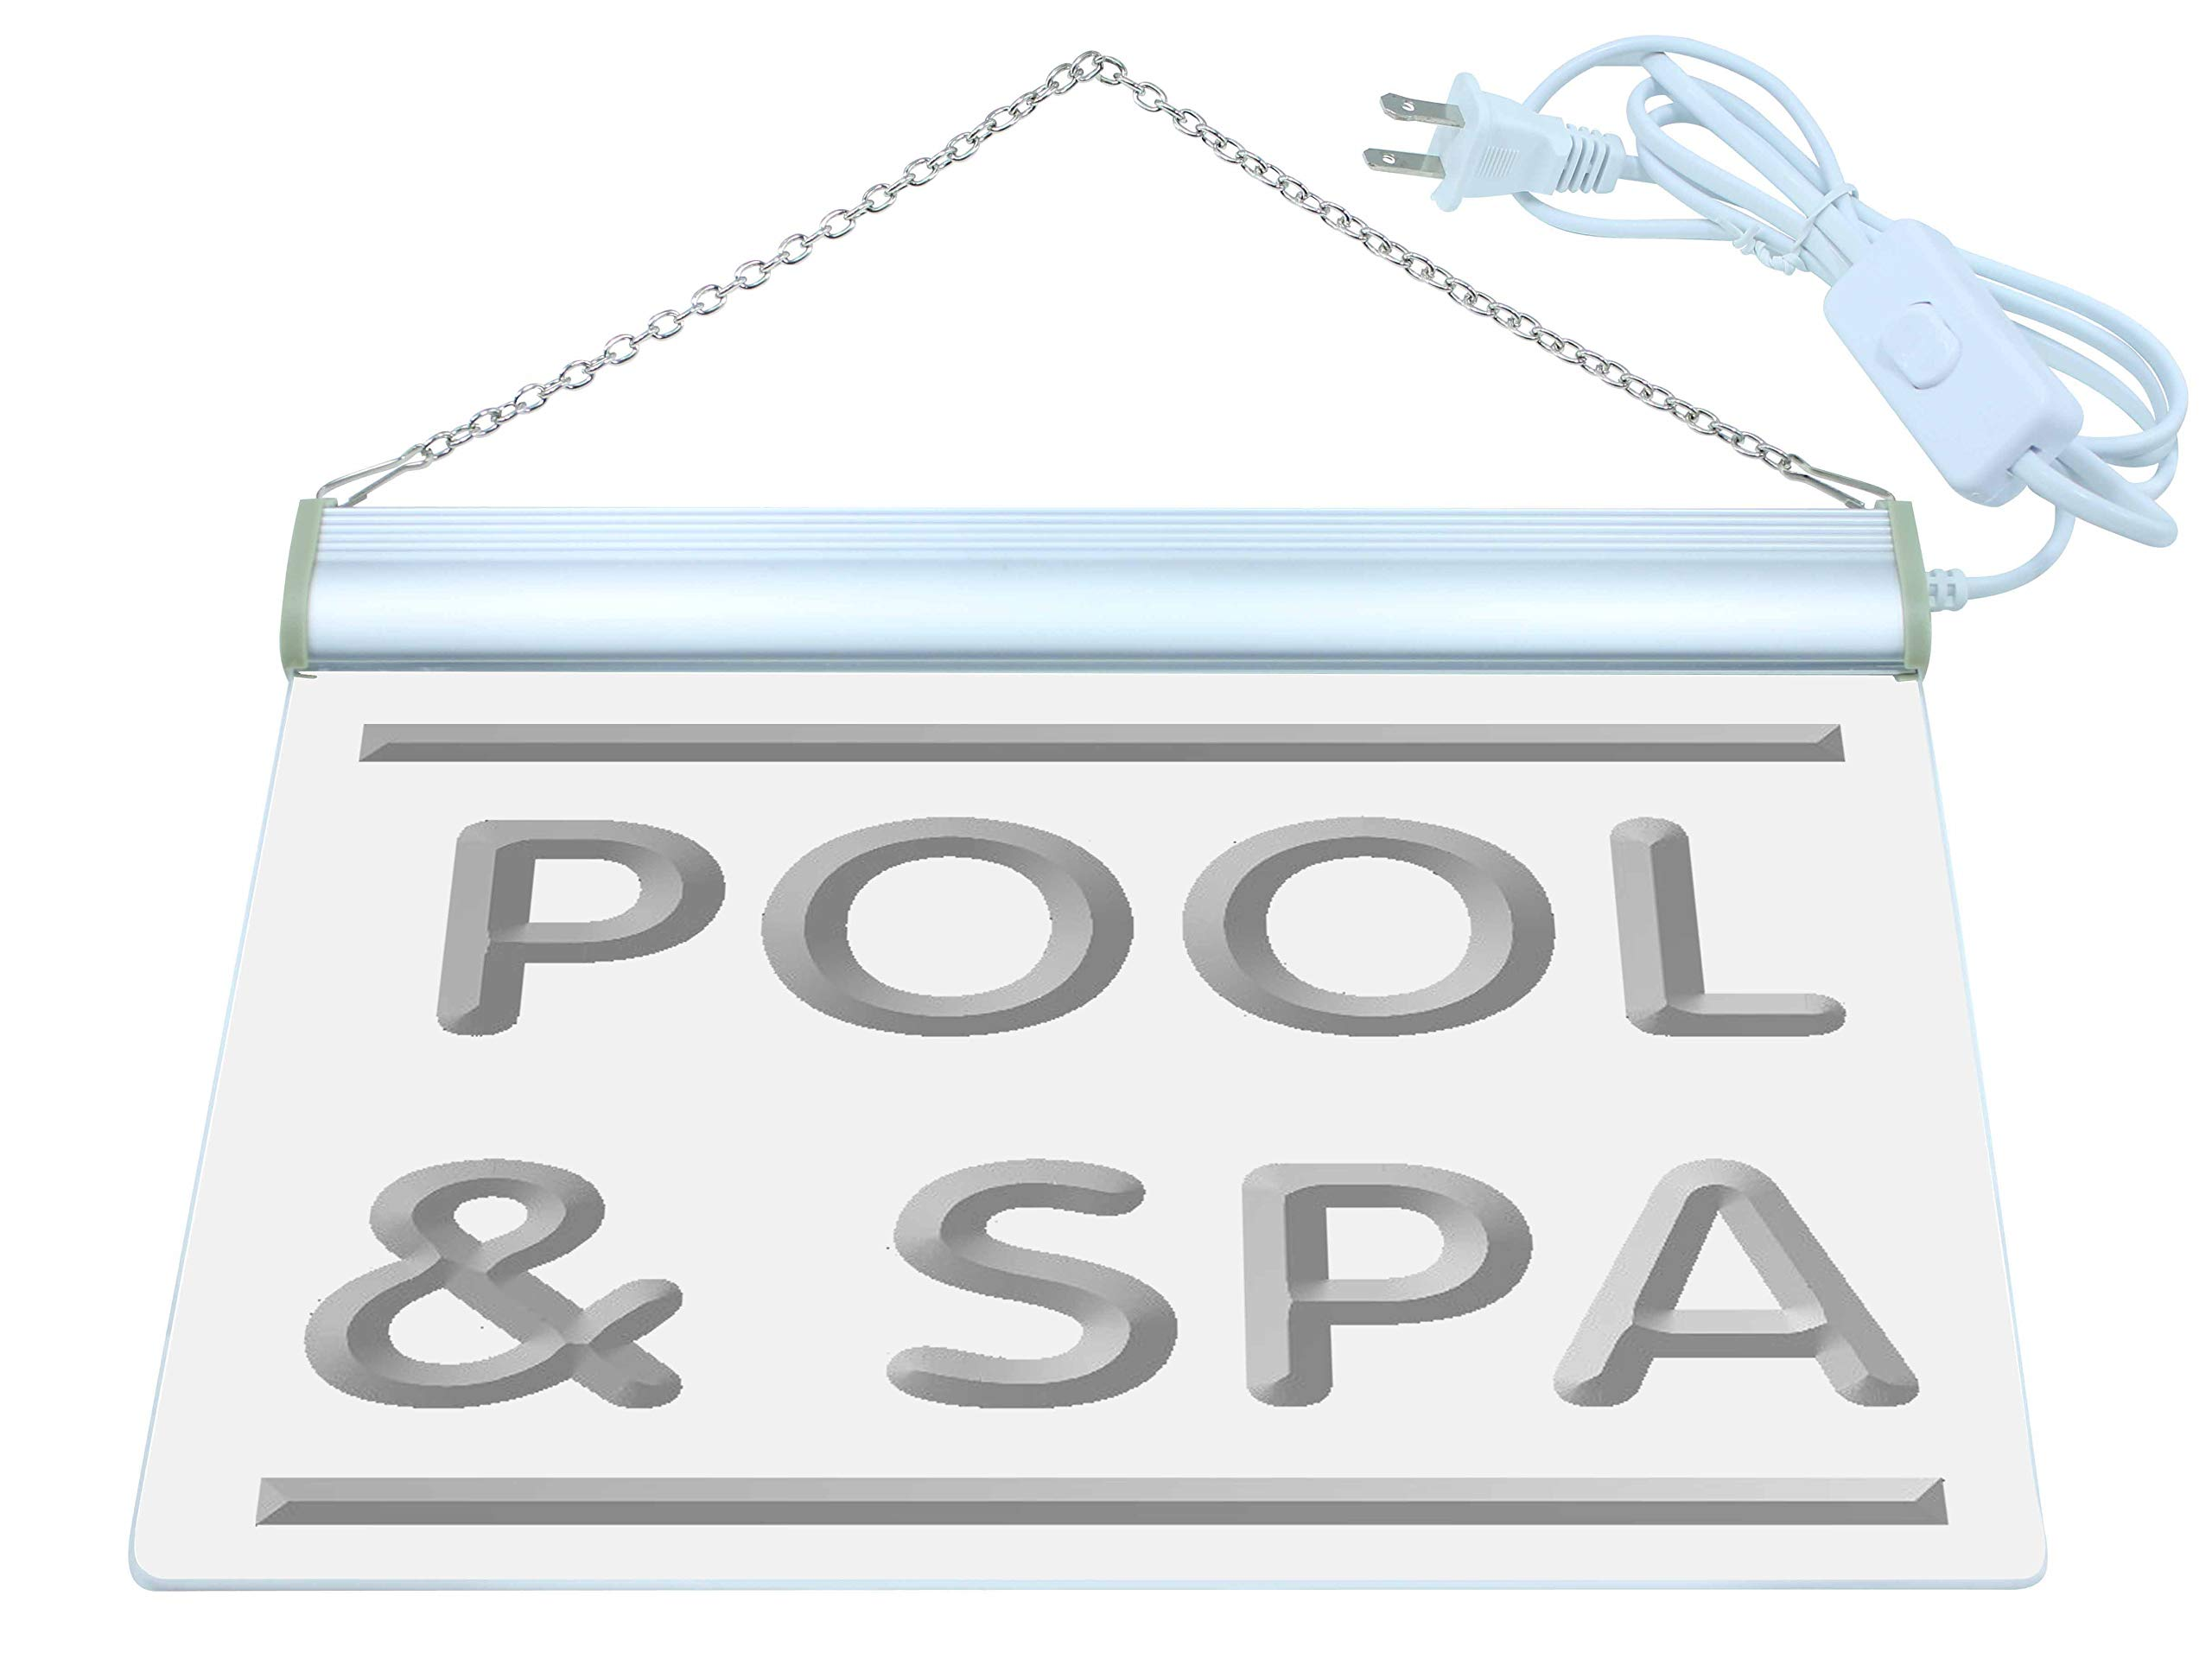 ADV PRO i609-b Pool & Spa Beauty Shop Salon Neon Light Sign by AdvPro Sign (Image #3)